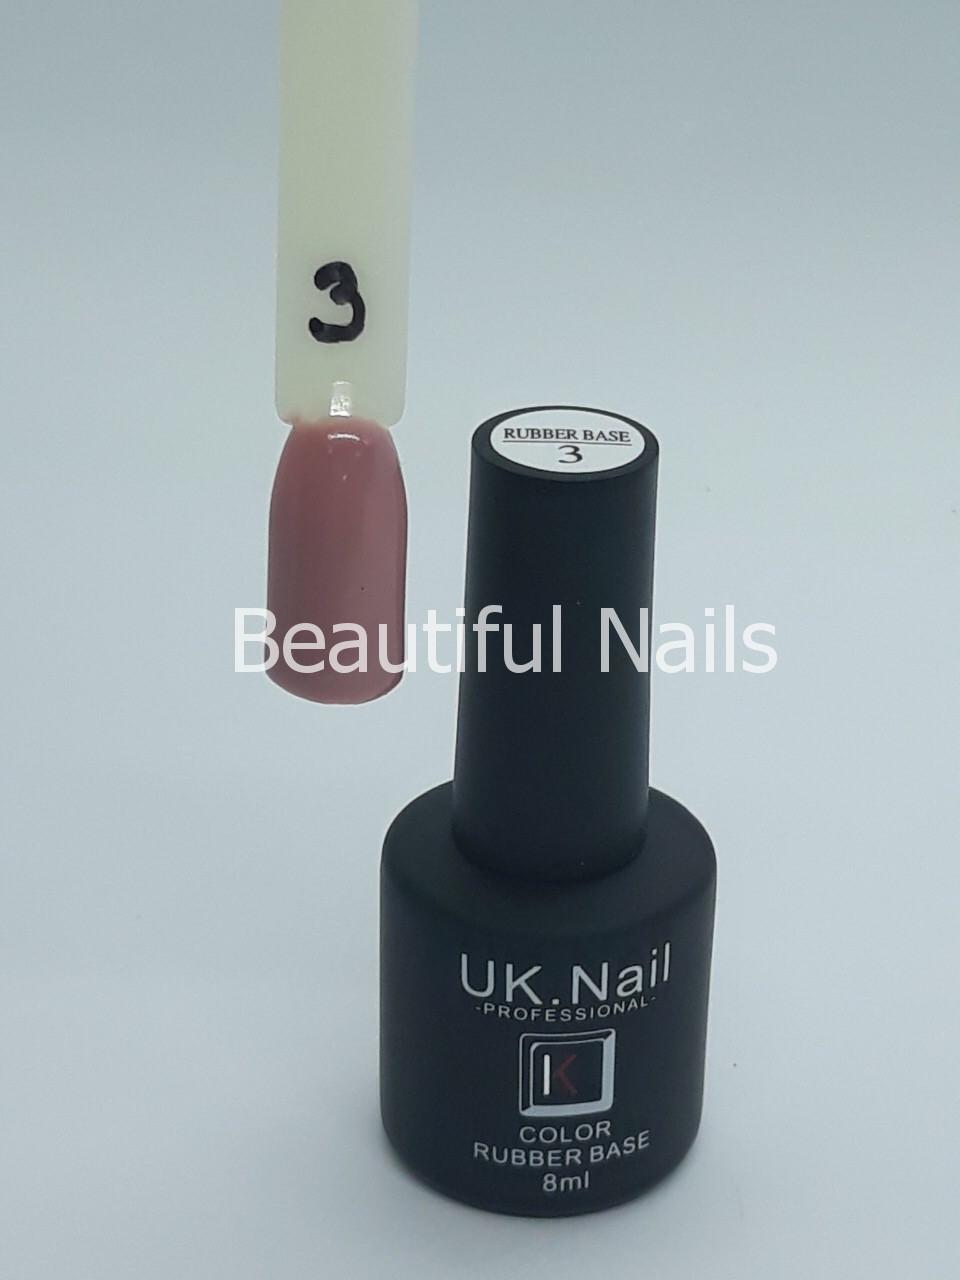 База для нігтів кольоровий UK.Nail Color Rubber Base№3 8 мл.